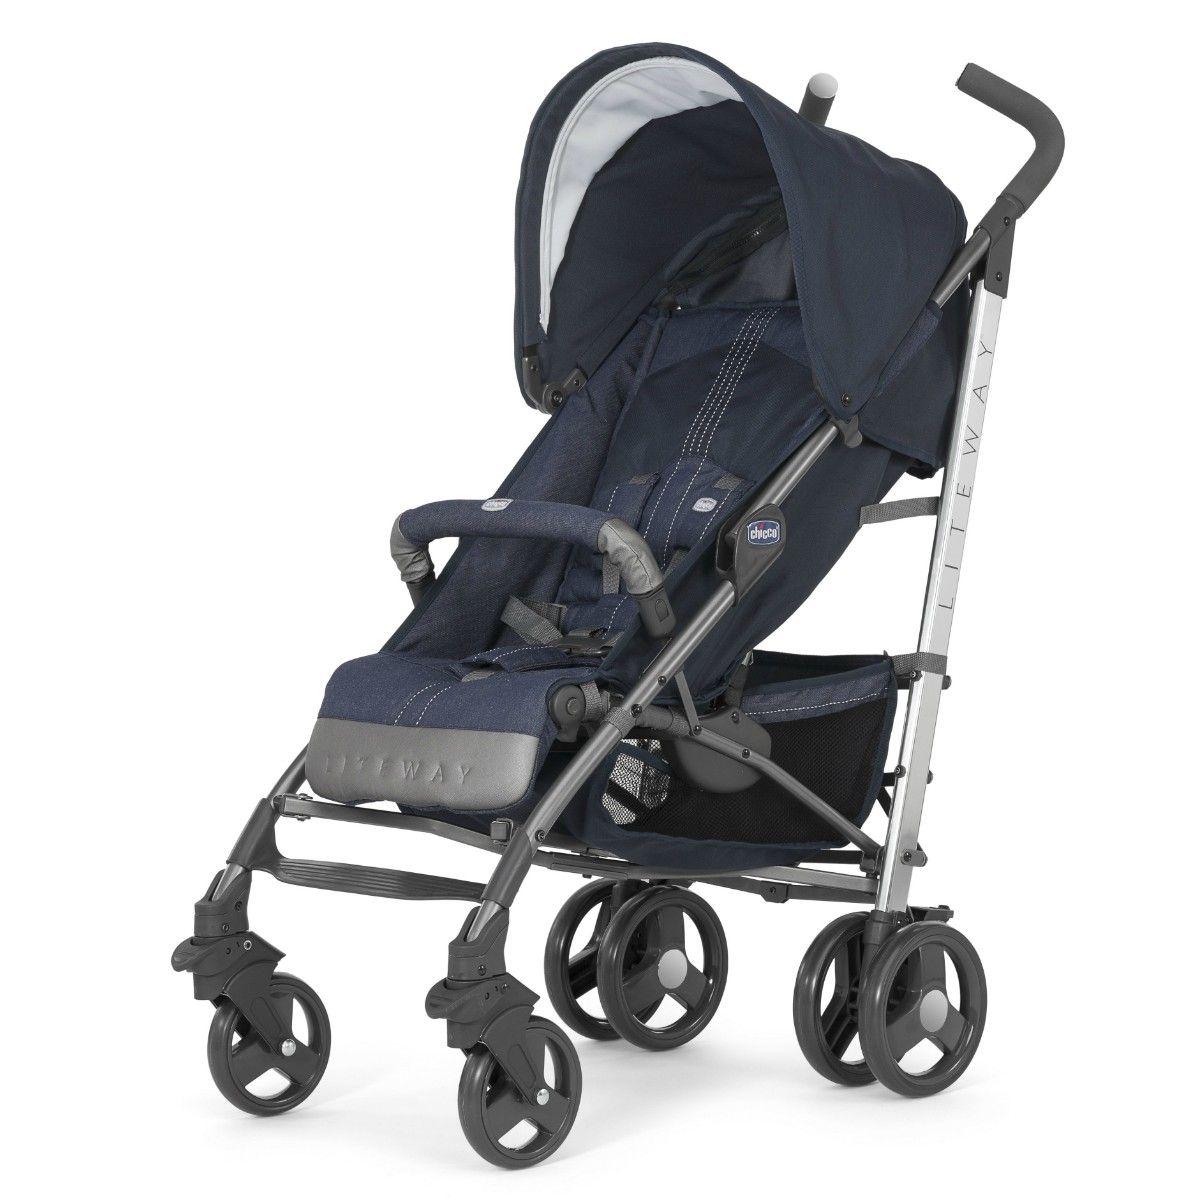 Carrinho De Bebê Chicco Liteway Top 2 Denim Até 15kg com NF